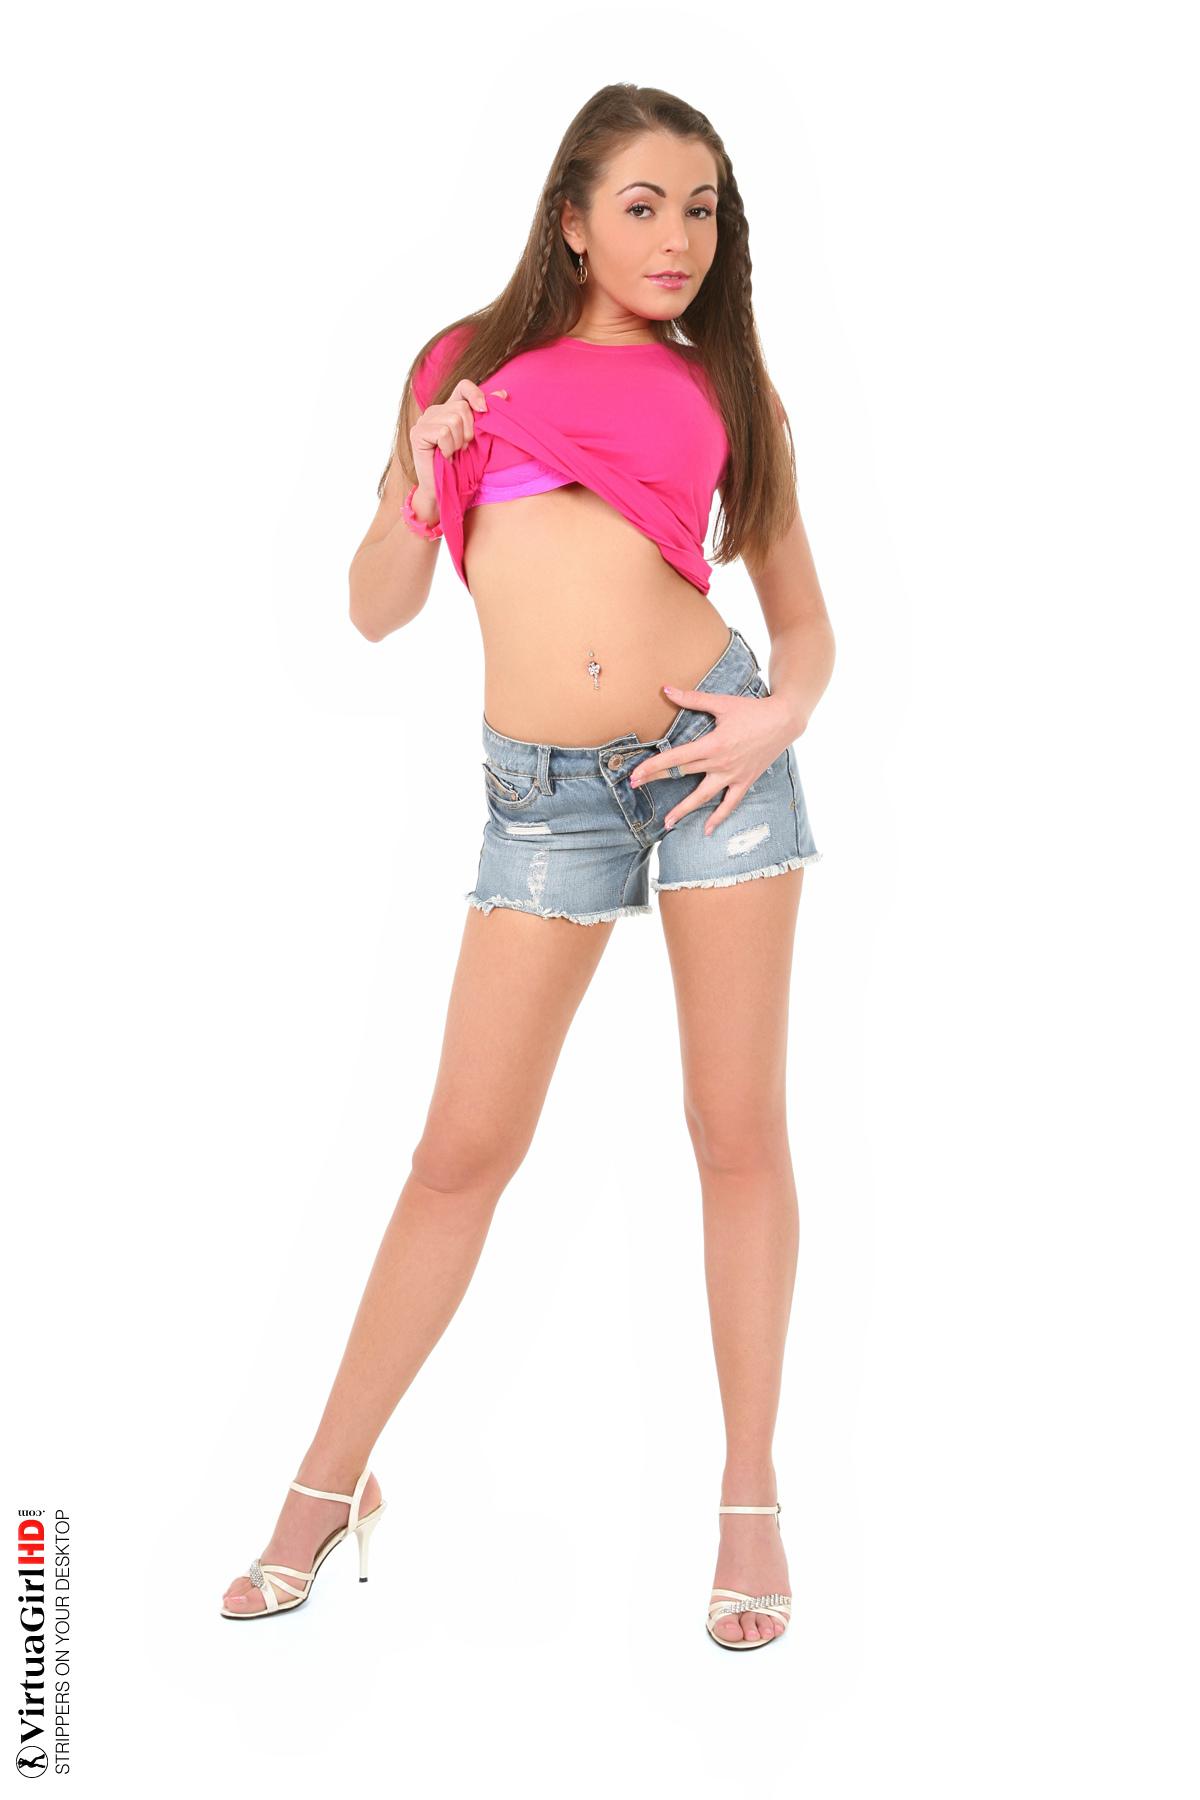 mcdinalds girls stripping